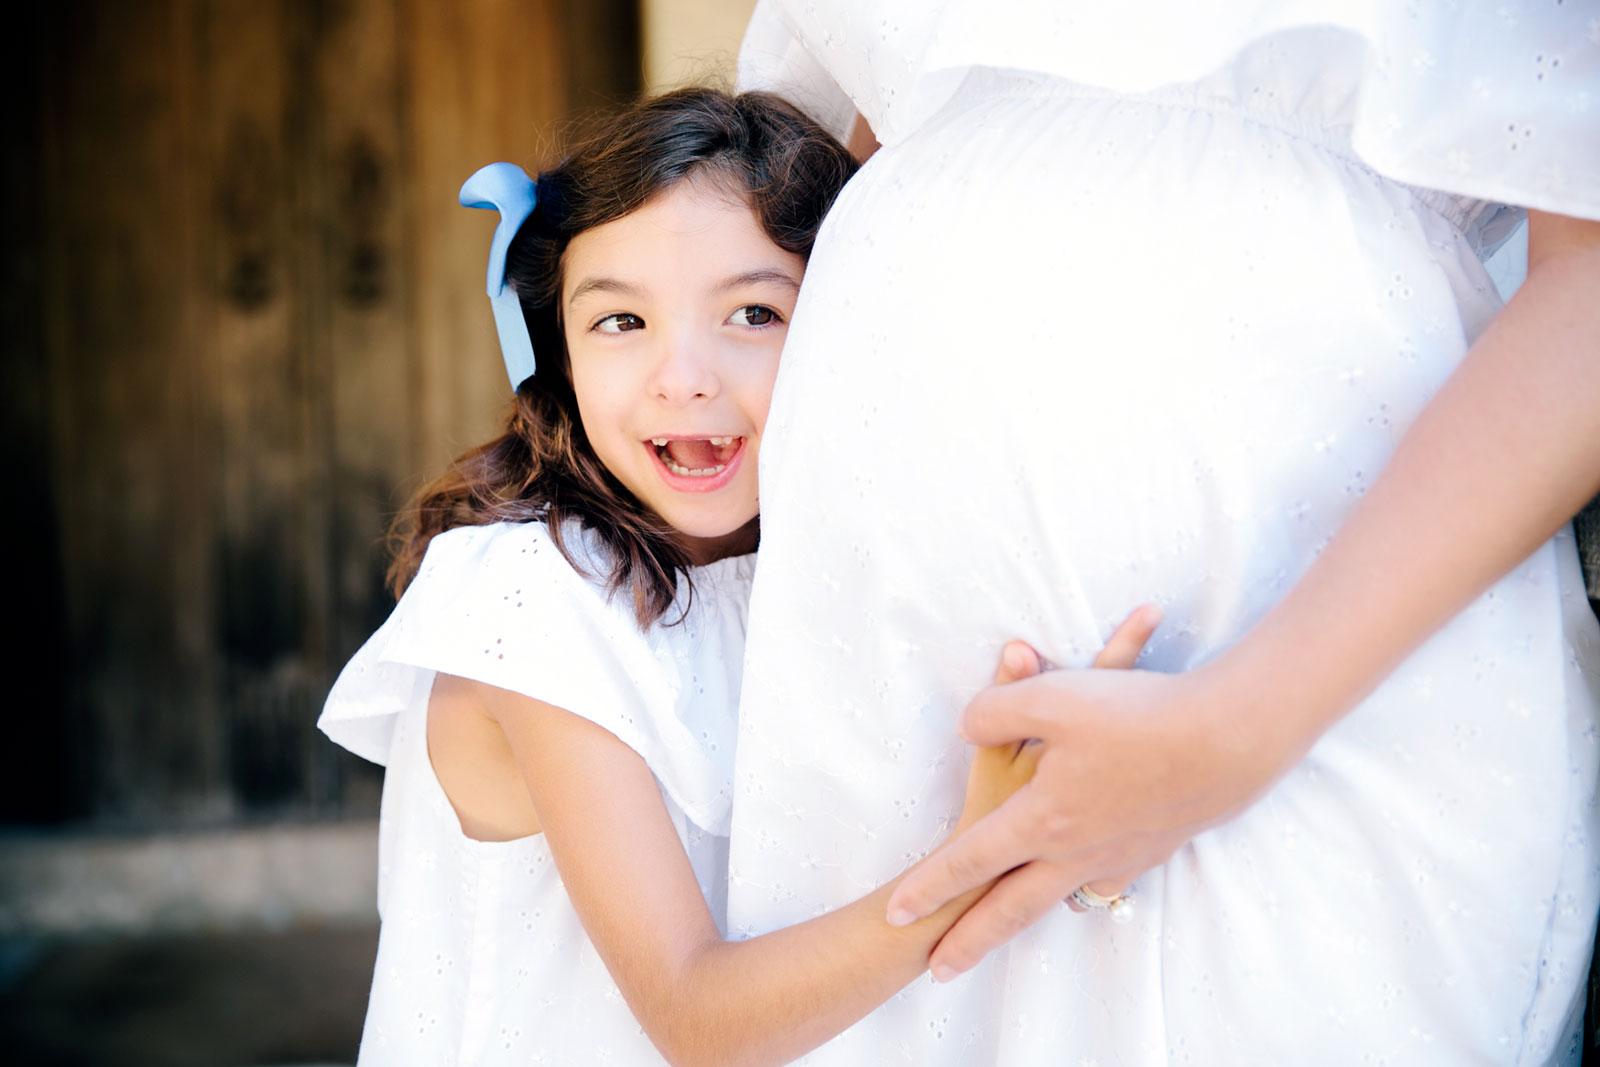 Criança a abraçar mulher grávida com vestido branco.